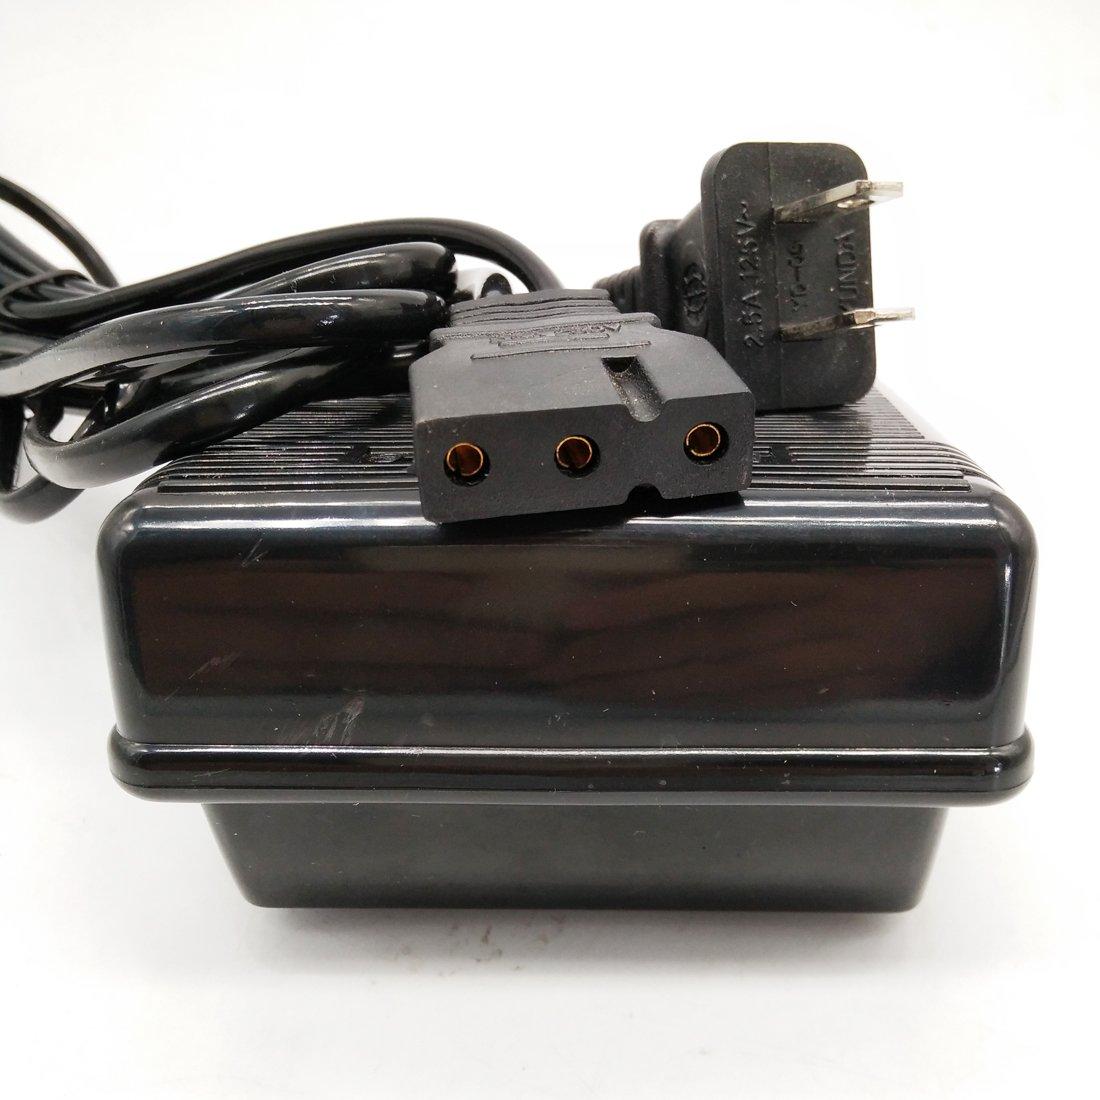 HONEYSEW Foot Control with Cord For Juki Serger MO-623 MO-644D MO-654DE MO-655 MO-734DE MO-735